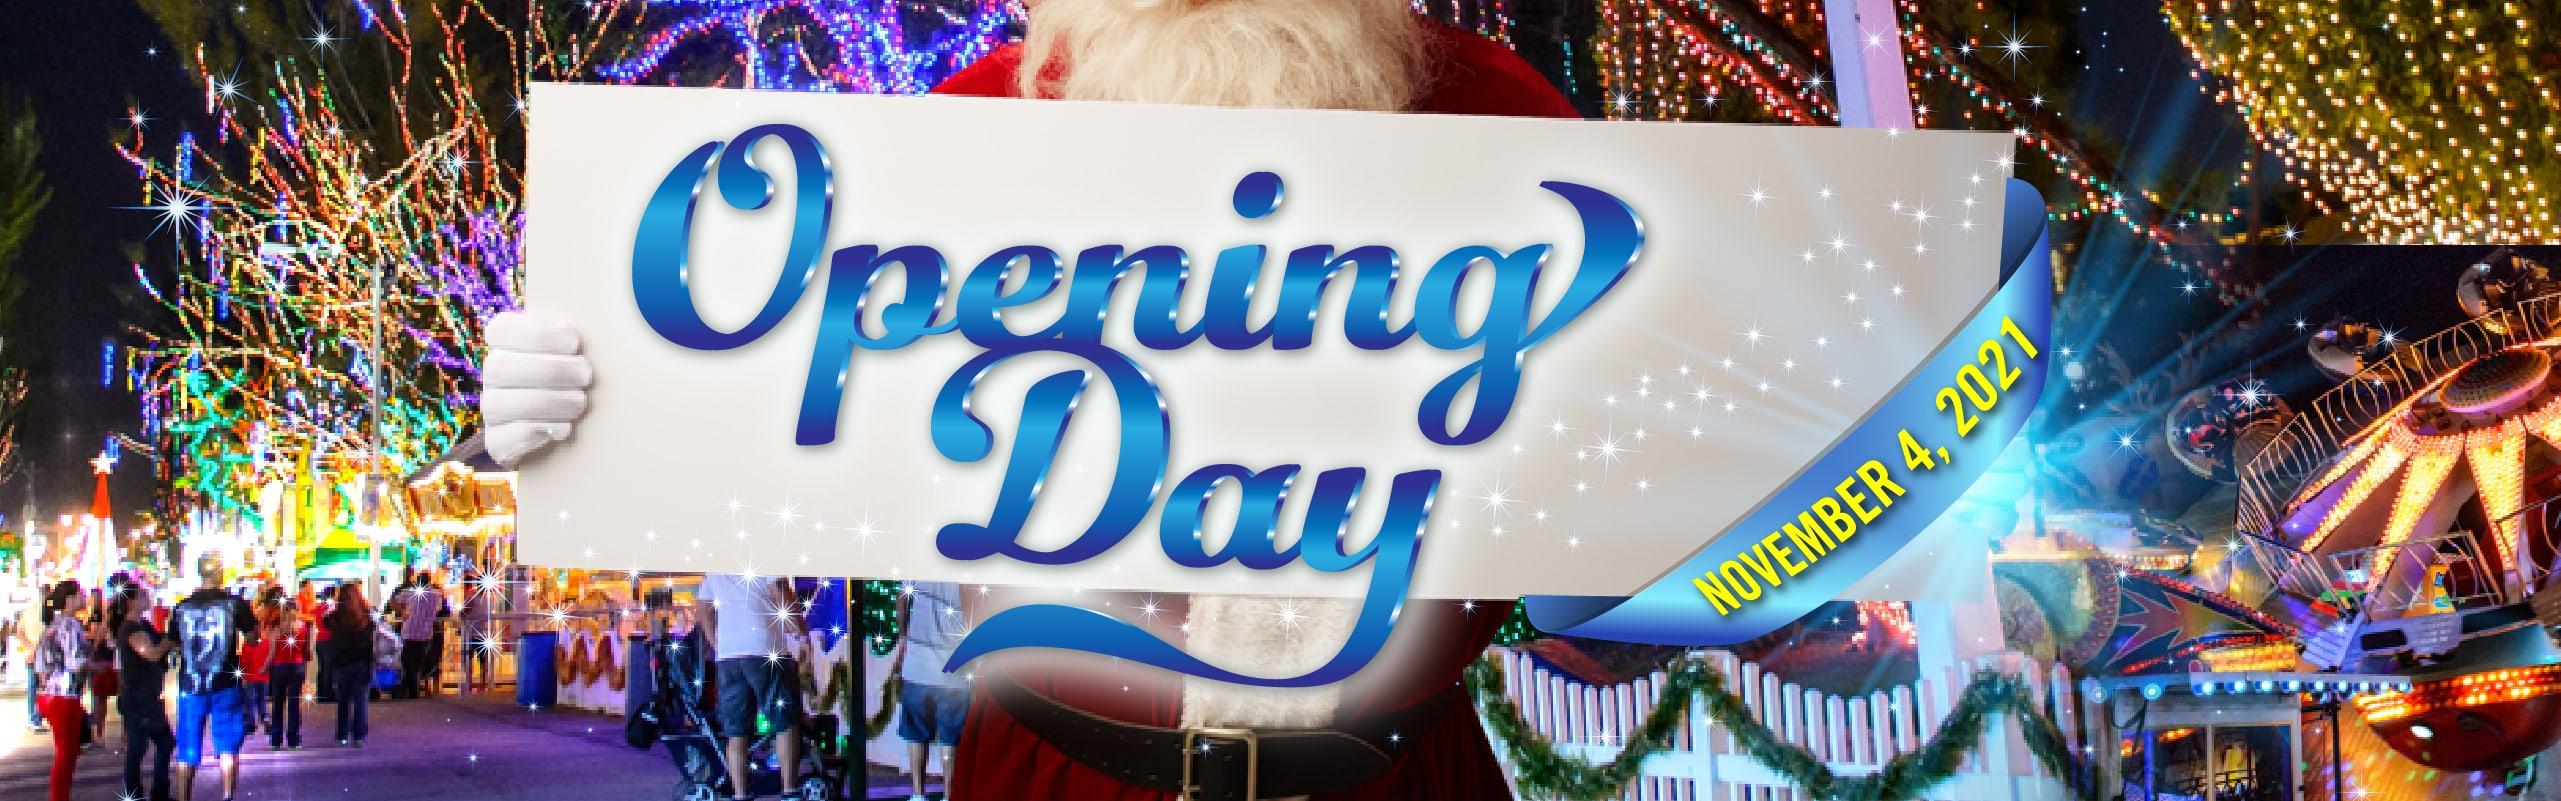 Opening Day Nov 4, 2021